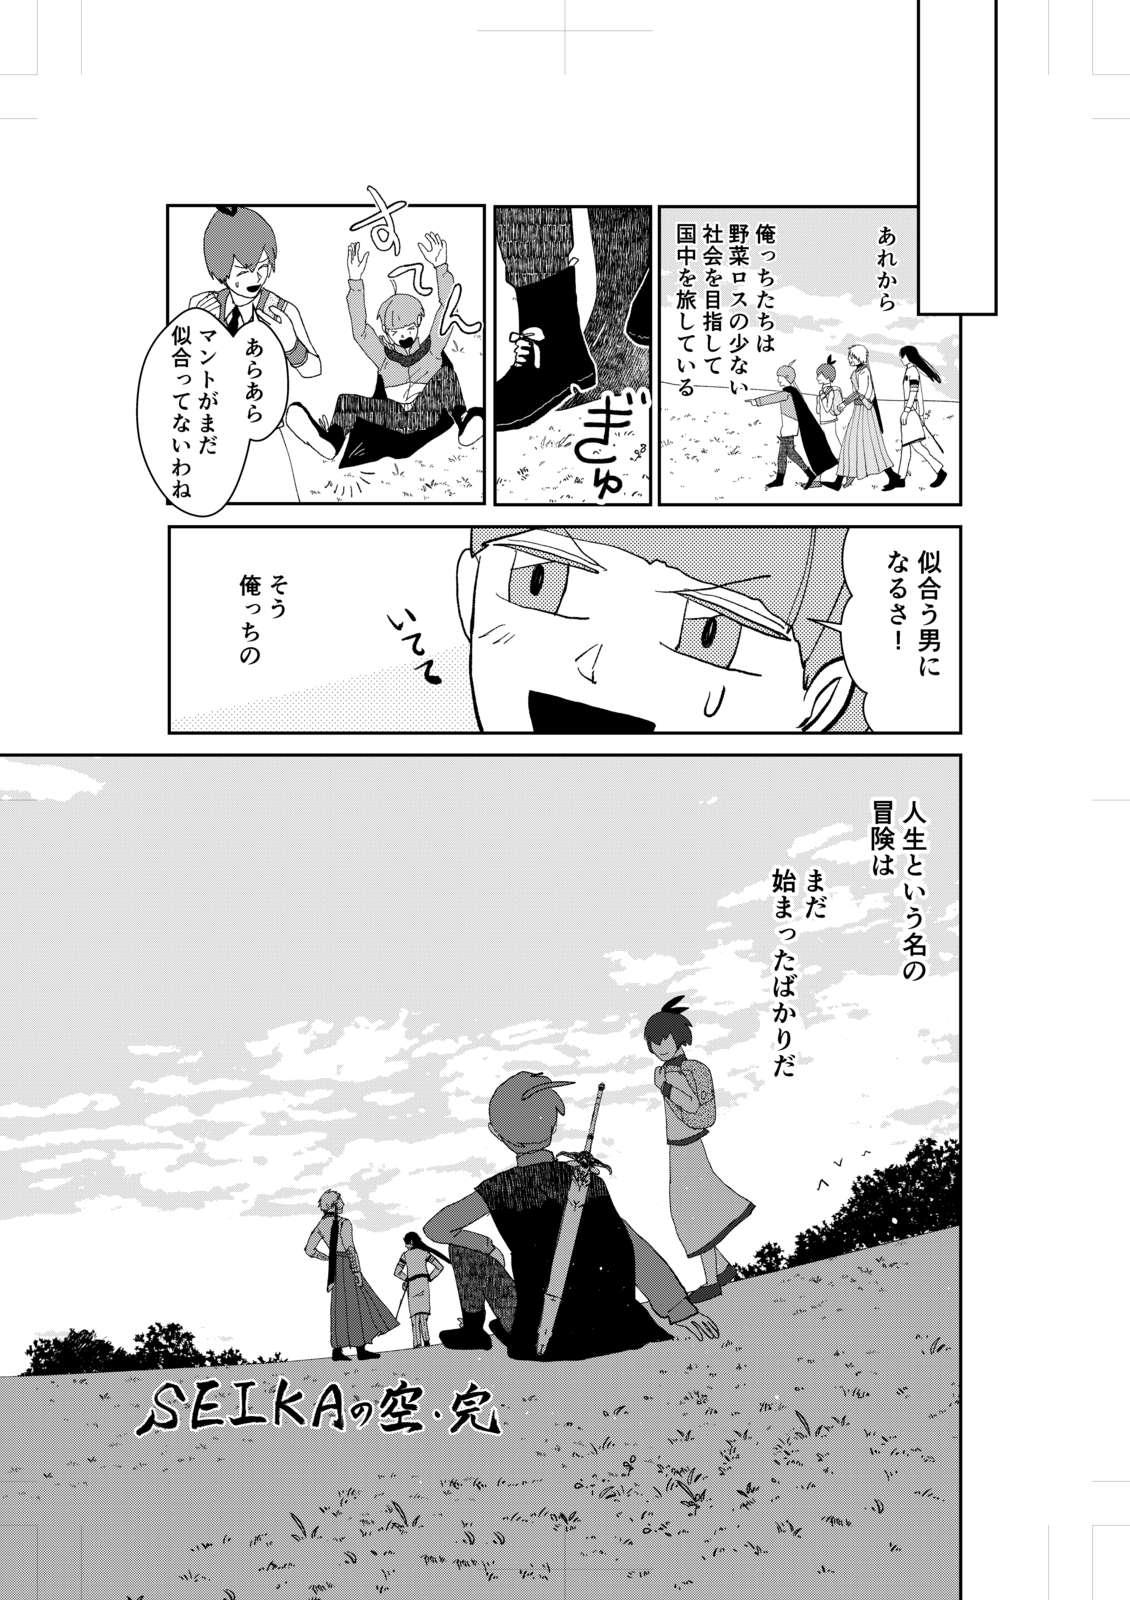 編集部シーン2